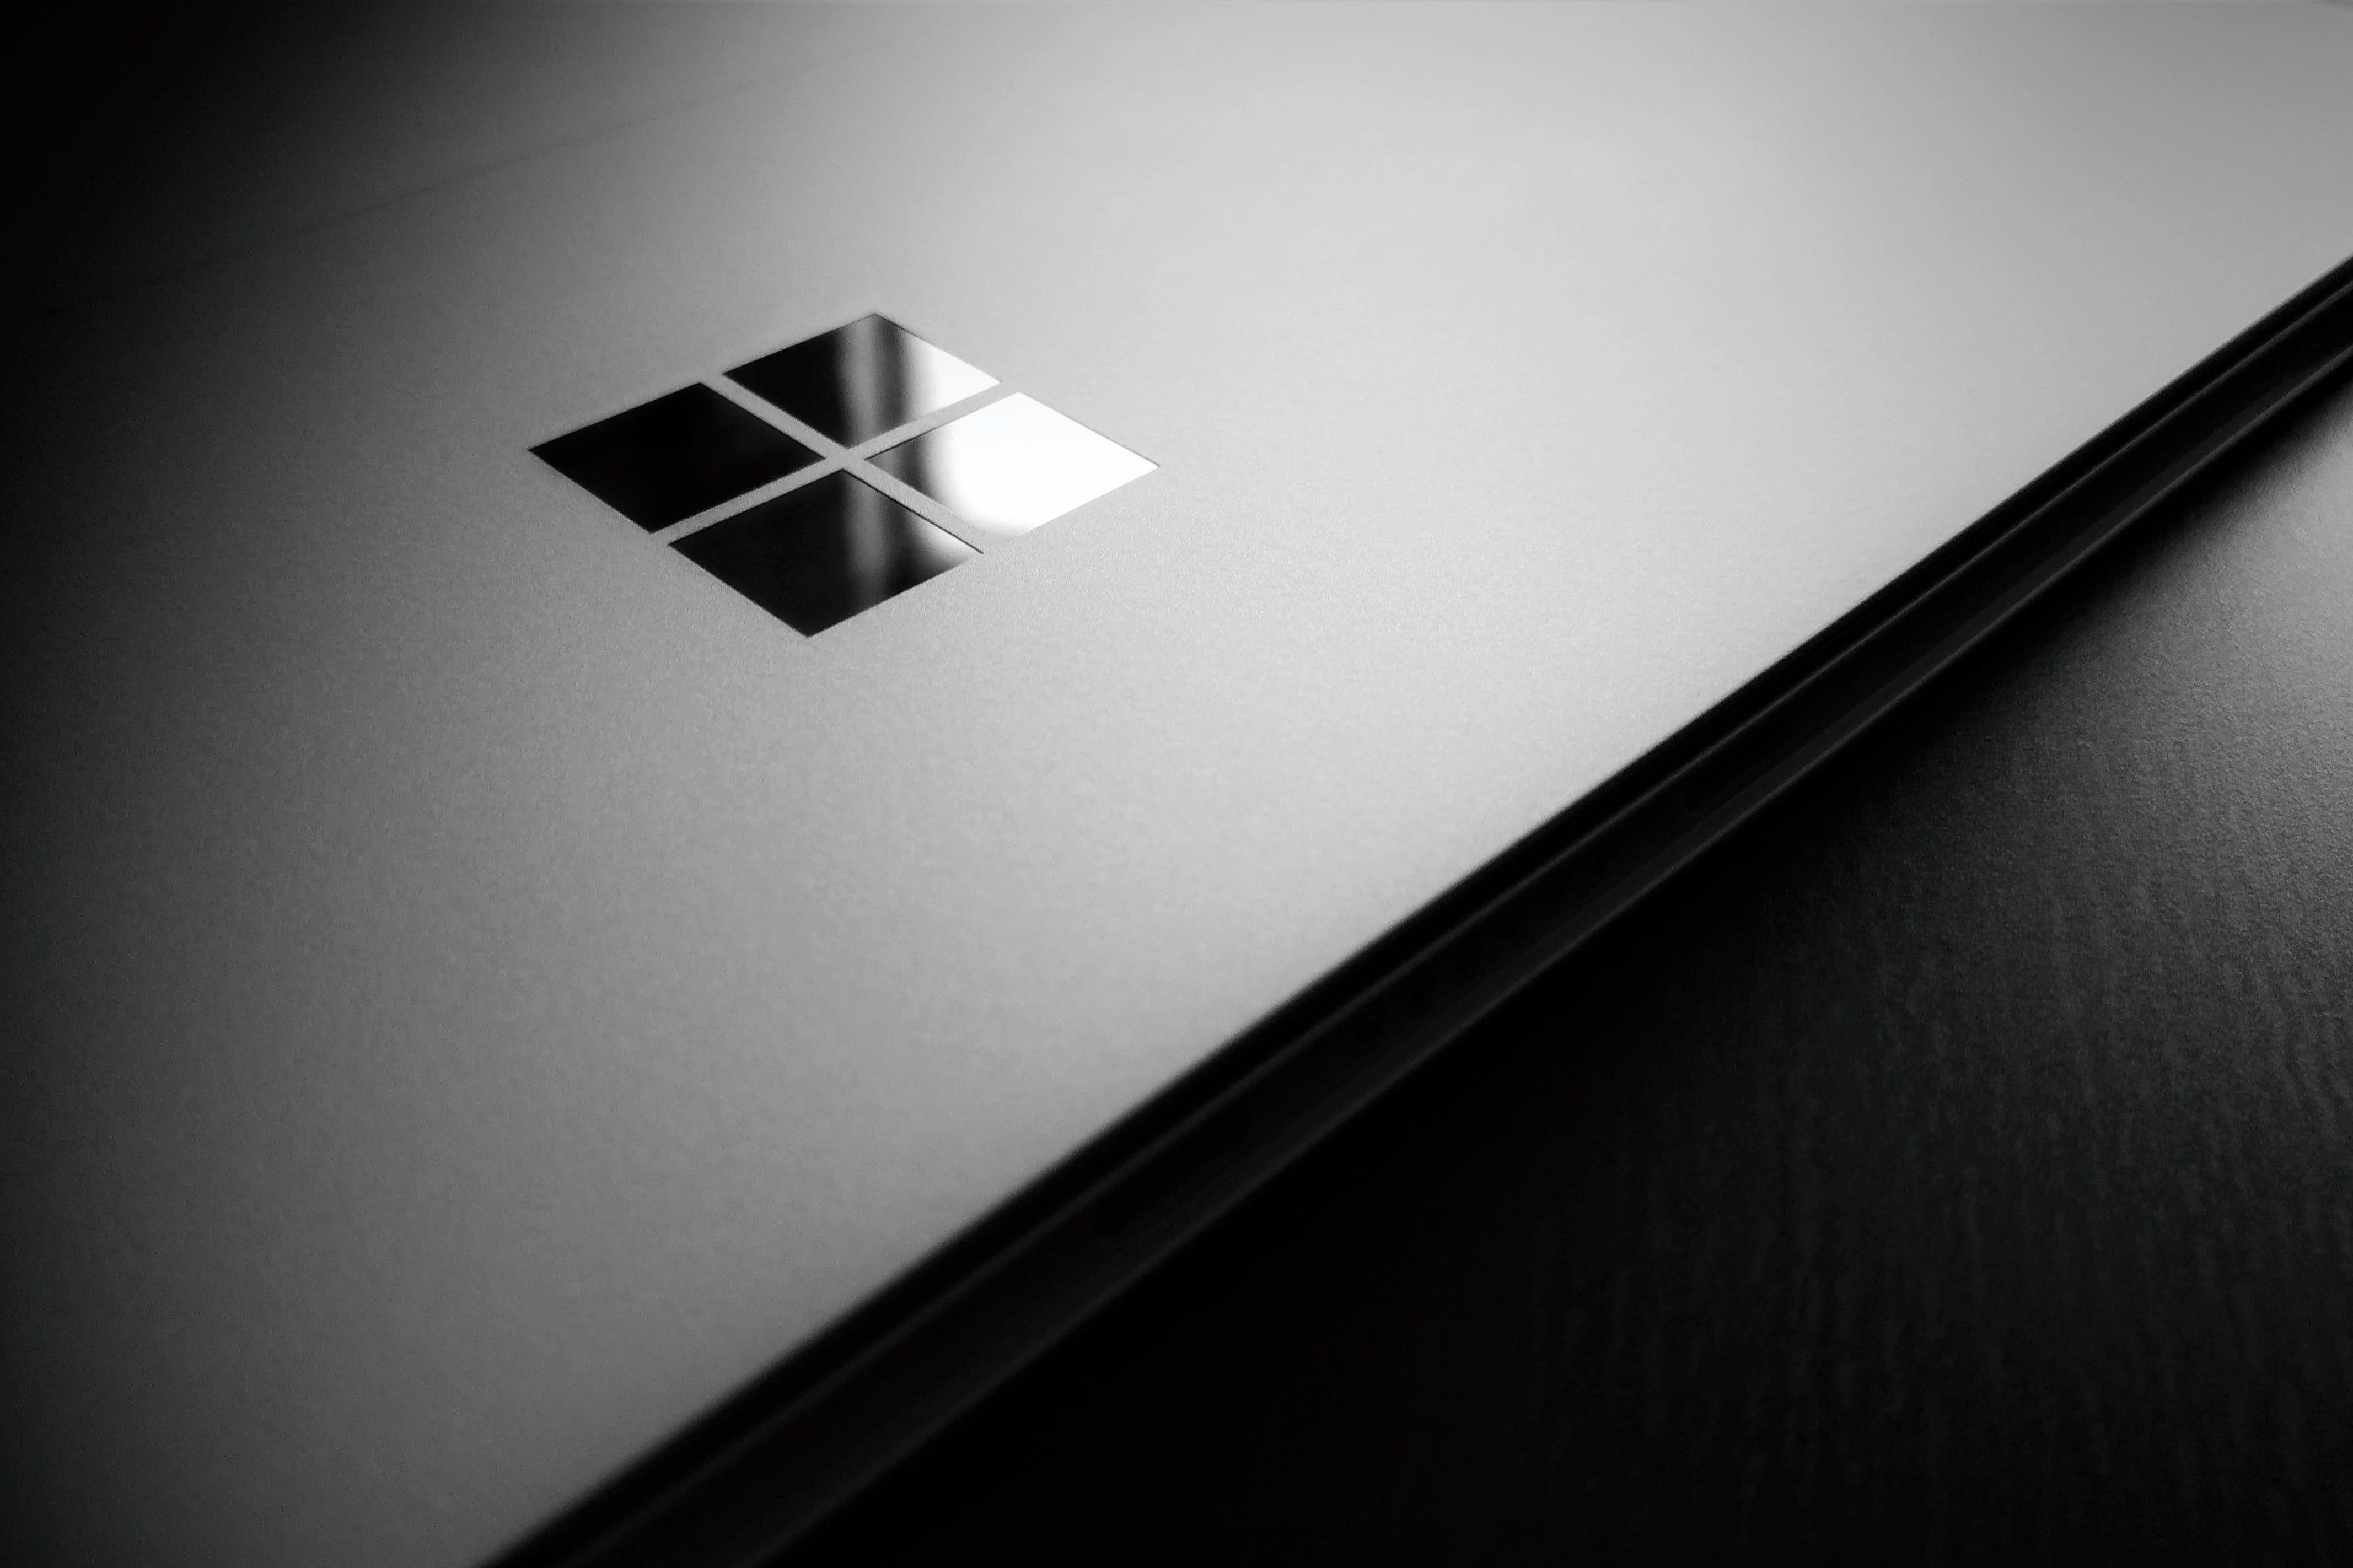 Microsoft Windows Logo Microsoft Microsoft Windows Windows 10 Wooden Surface Logo Laptop 4k Wallpaper Hdwallpap Microsoft Windows Windows Logo Windows 10